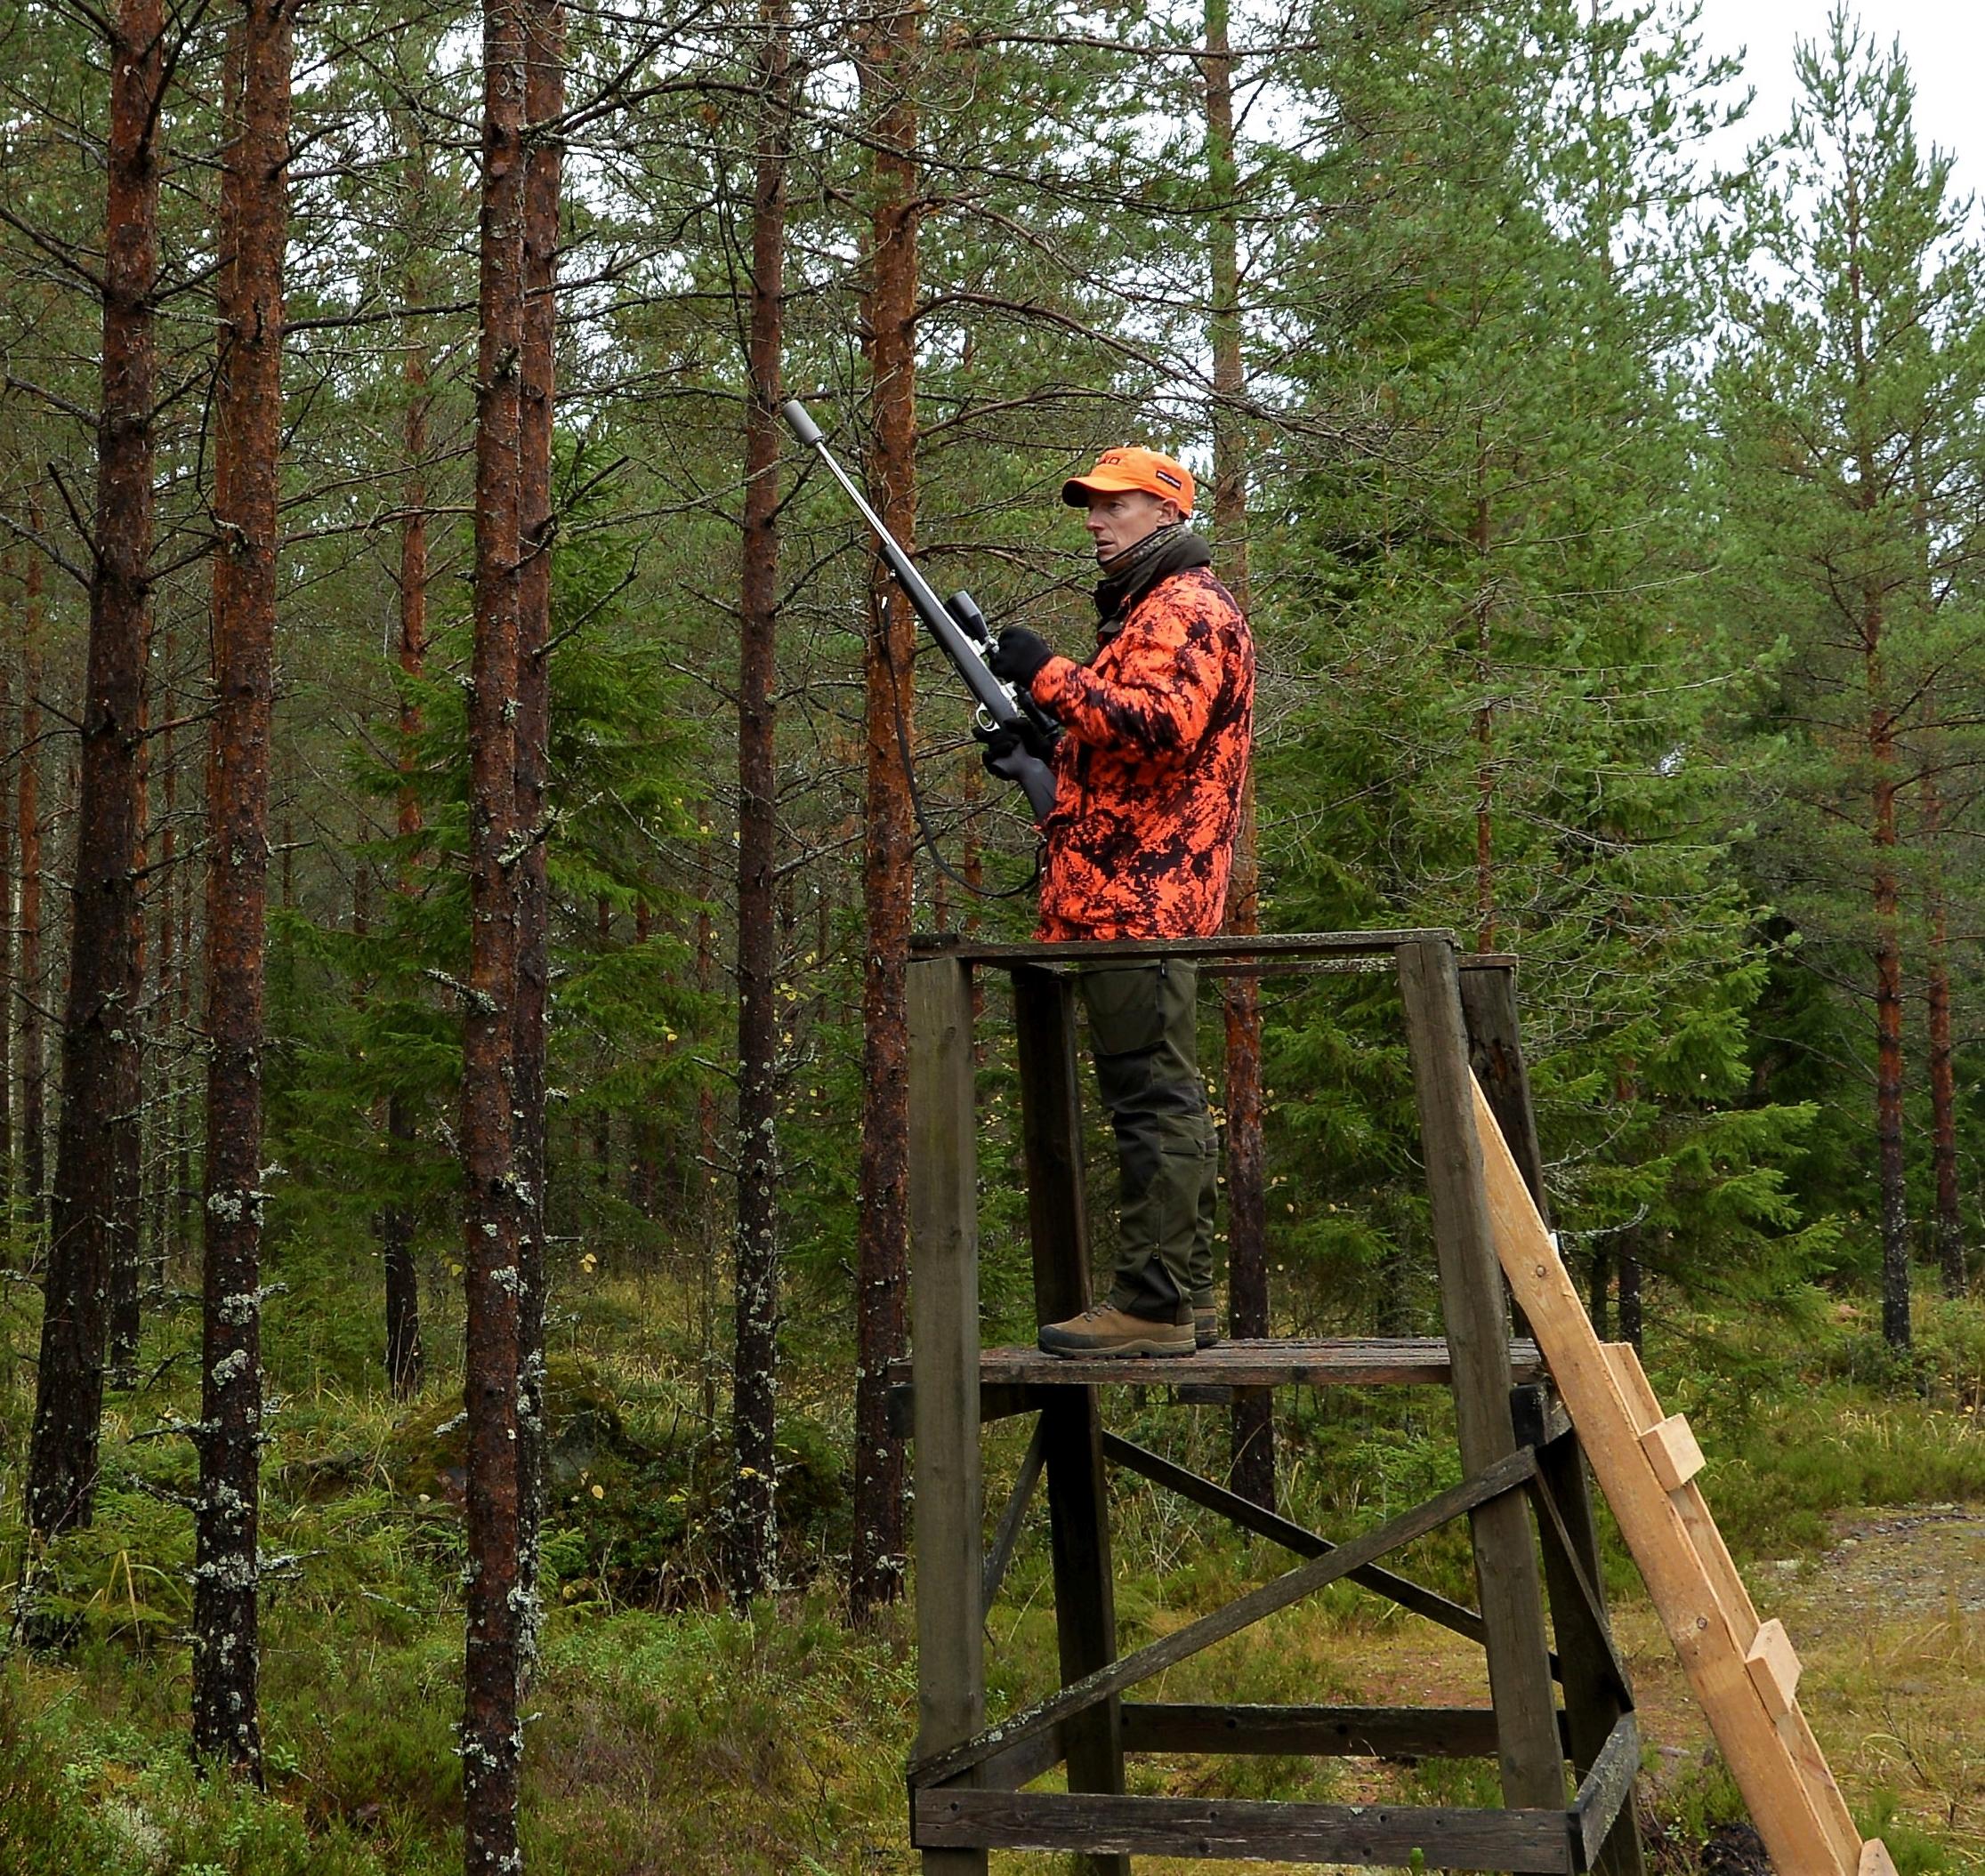 Čeke i osmatračnice - Page 2 Paul_Childerley_driven_hunt_Finland_03_cropped